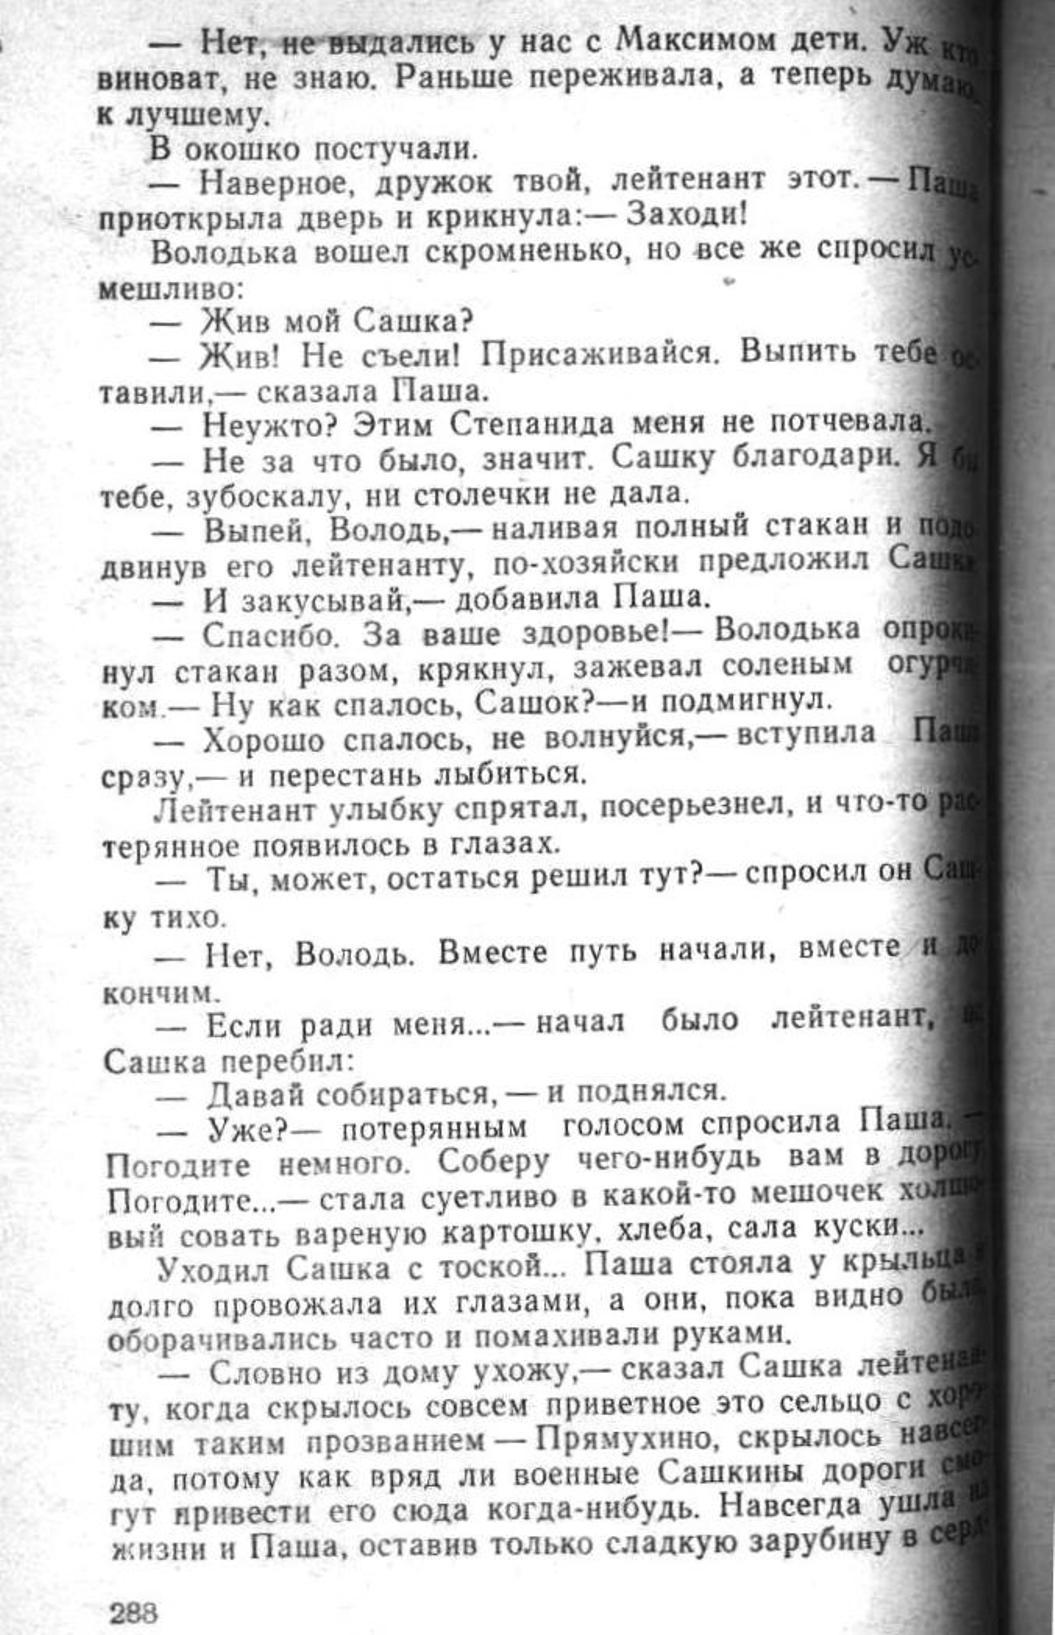 Сашка. Повесть. Вячеслав Кондратьев. 017. 003